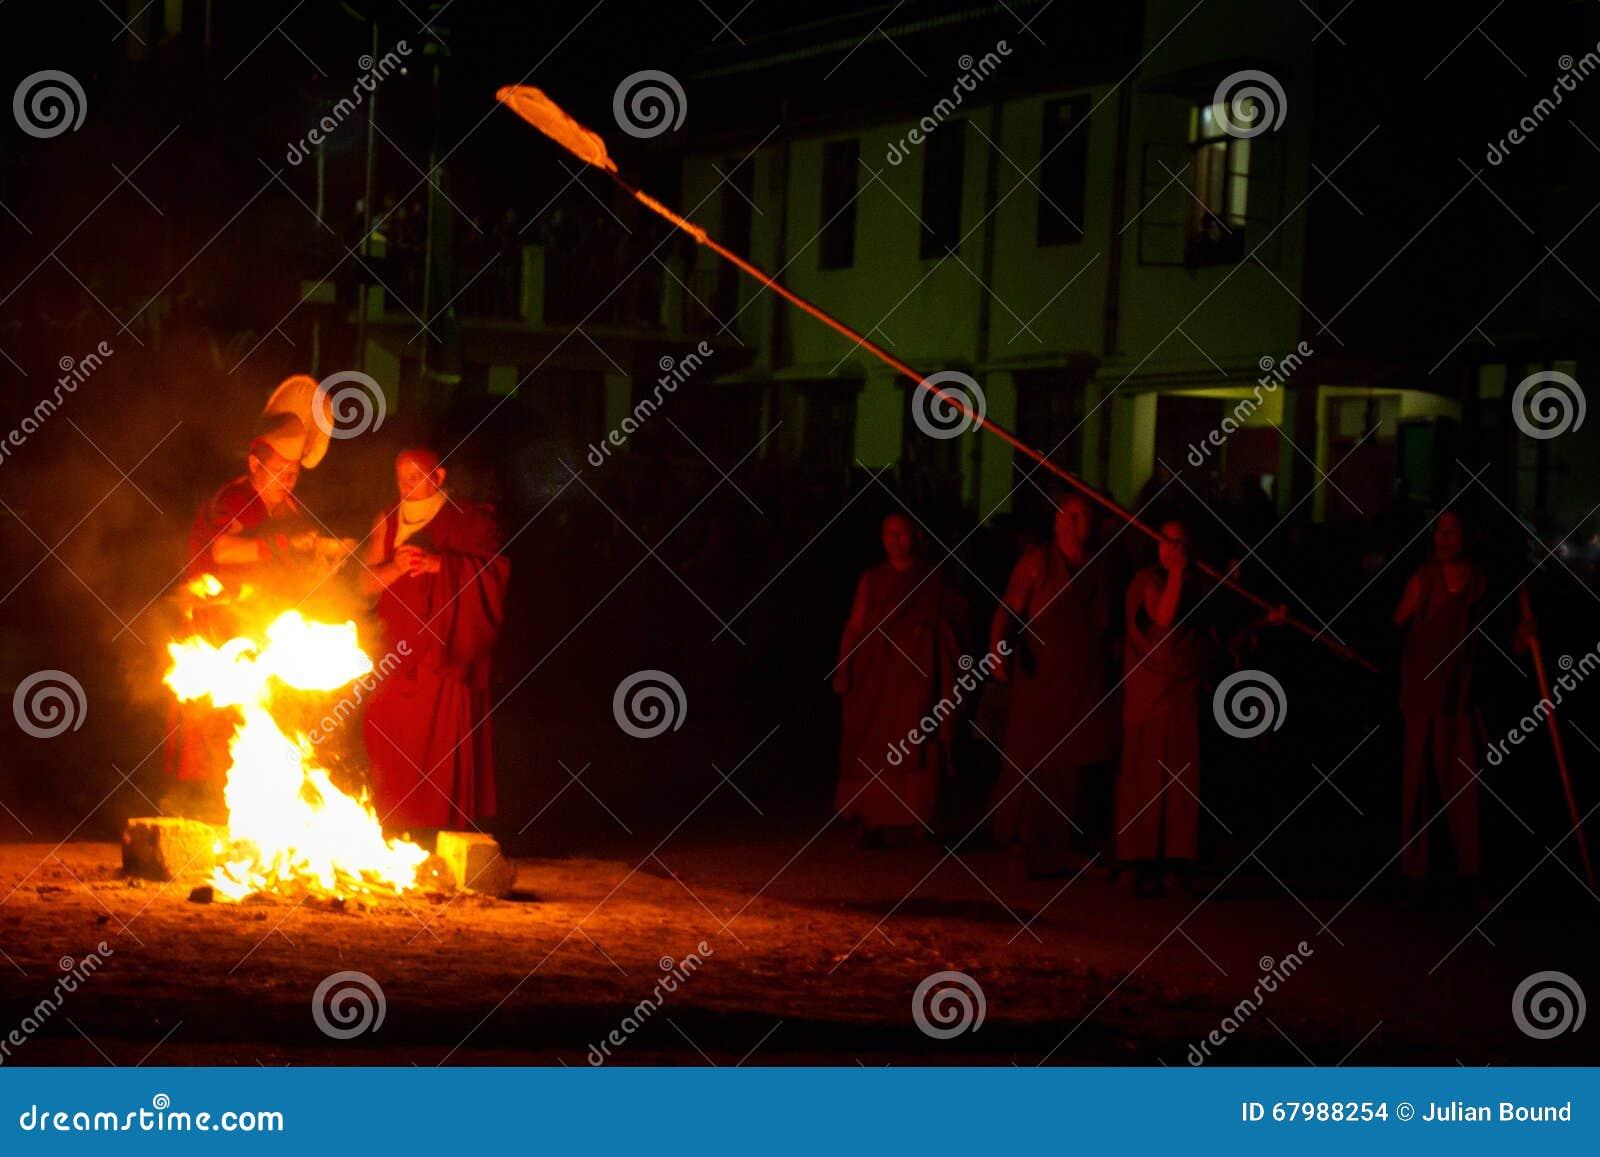 Μοναχοί και εθιμοτυπικό μοναστήρι Gyuto πυρκαγιάς, Dharamshala, Ινδία